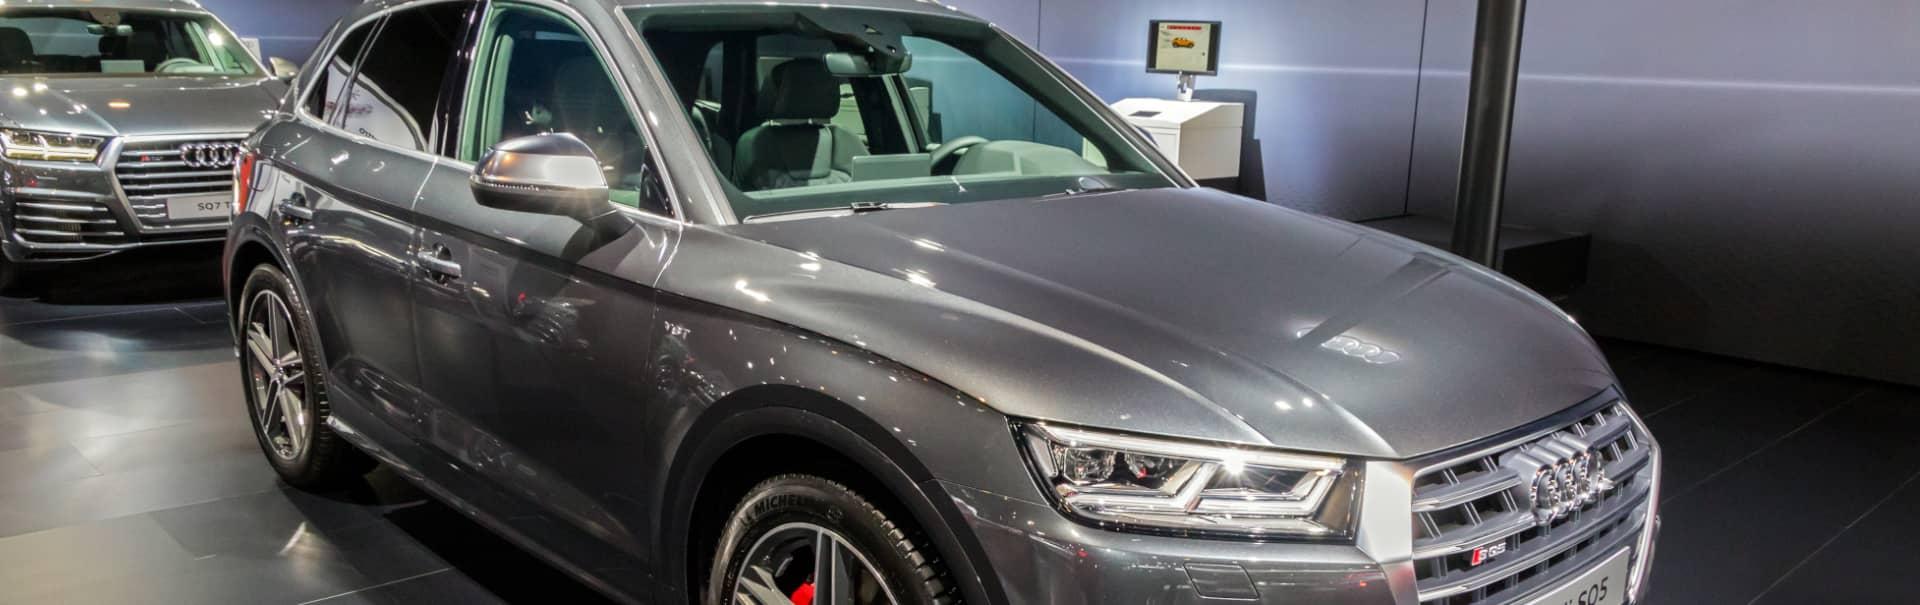 Hoher Schadensersatz bei Audi SQ5 erreicht